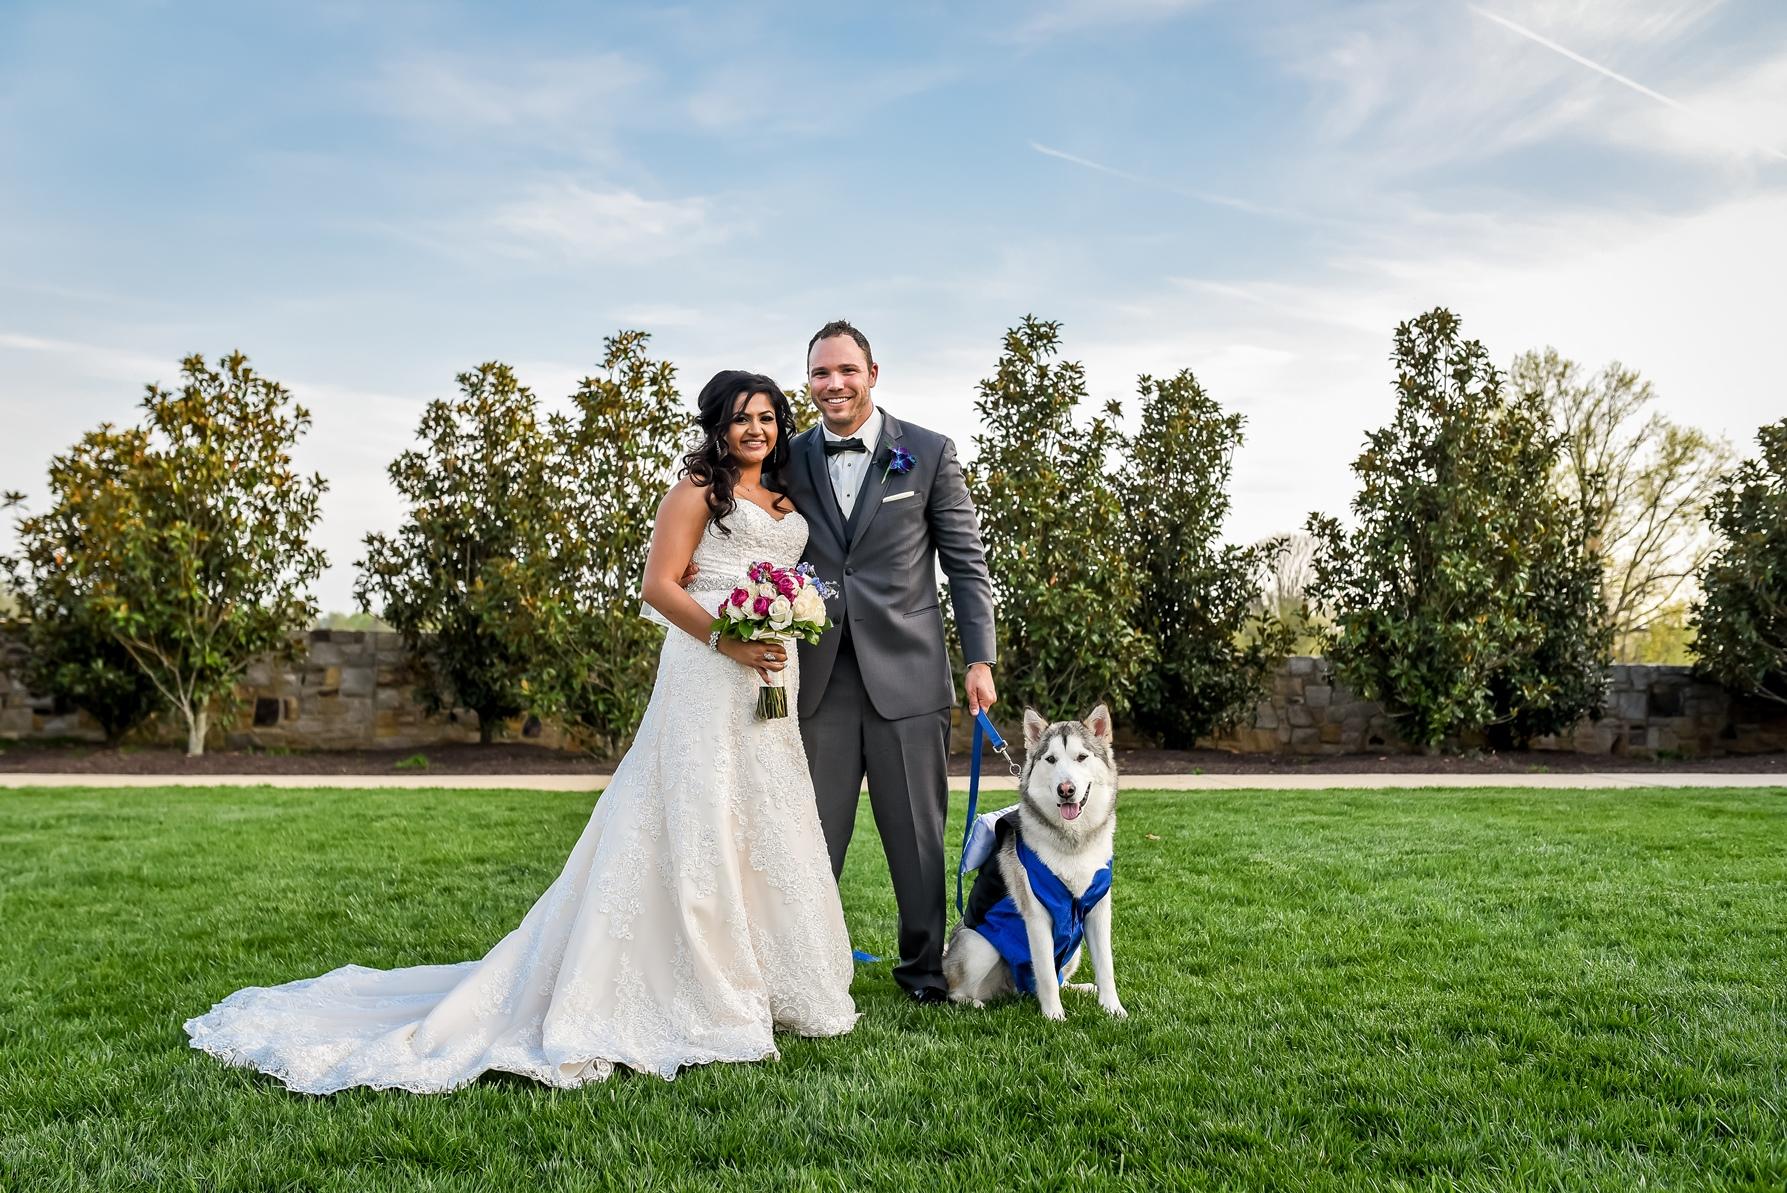 Imperial Decor - Outdoor Wedding Arrangements